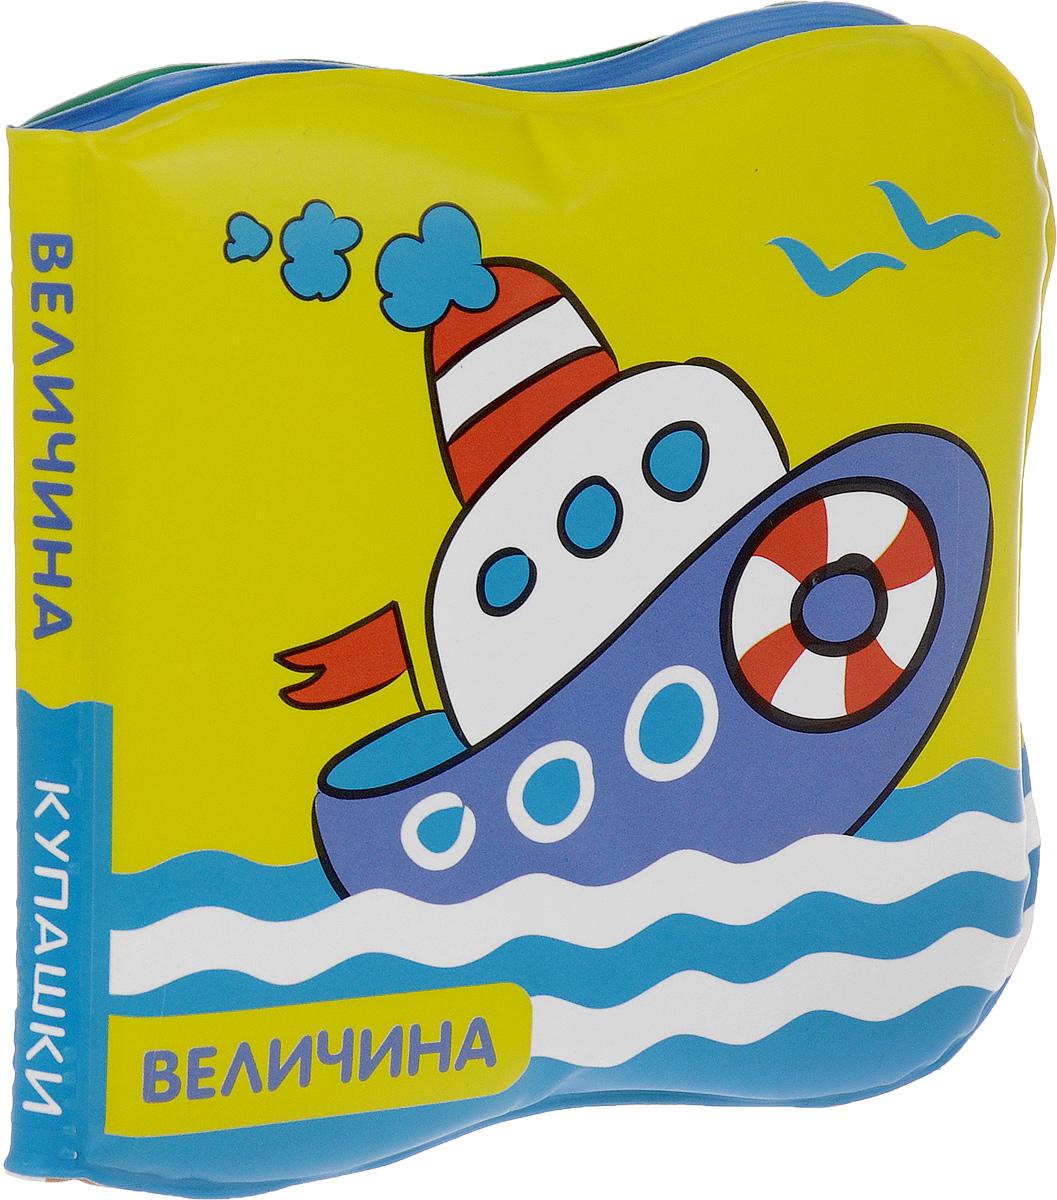 Мозаика-Синтез Книжка-игрушка Кораблик Величина978-5-4315-0597-3С книжкой Кораблик серии Купашки так приятно играть в воде! С ней купание станет не только полезной, но и веселой процедурой. Книжка не боится воды, она очень мягкая и приятная на ощупь, а еще издает забавный писк. Крупные, яркие картинки познакомят и помогут закрепить представления вашего малыша о величине.